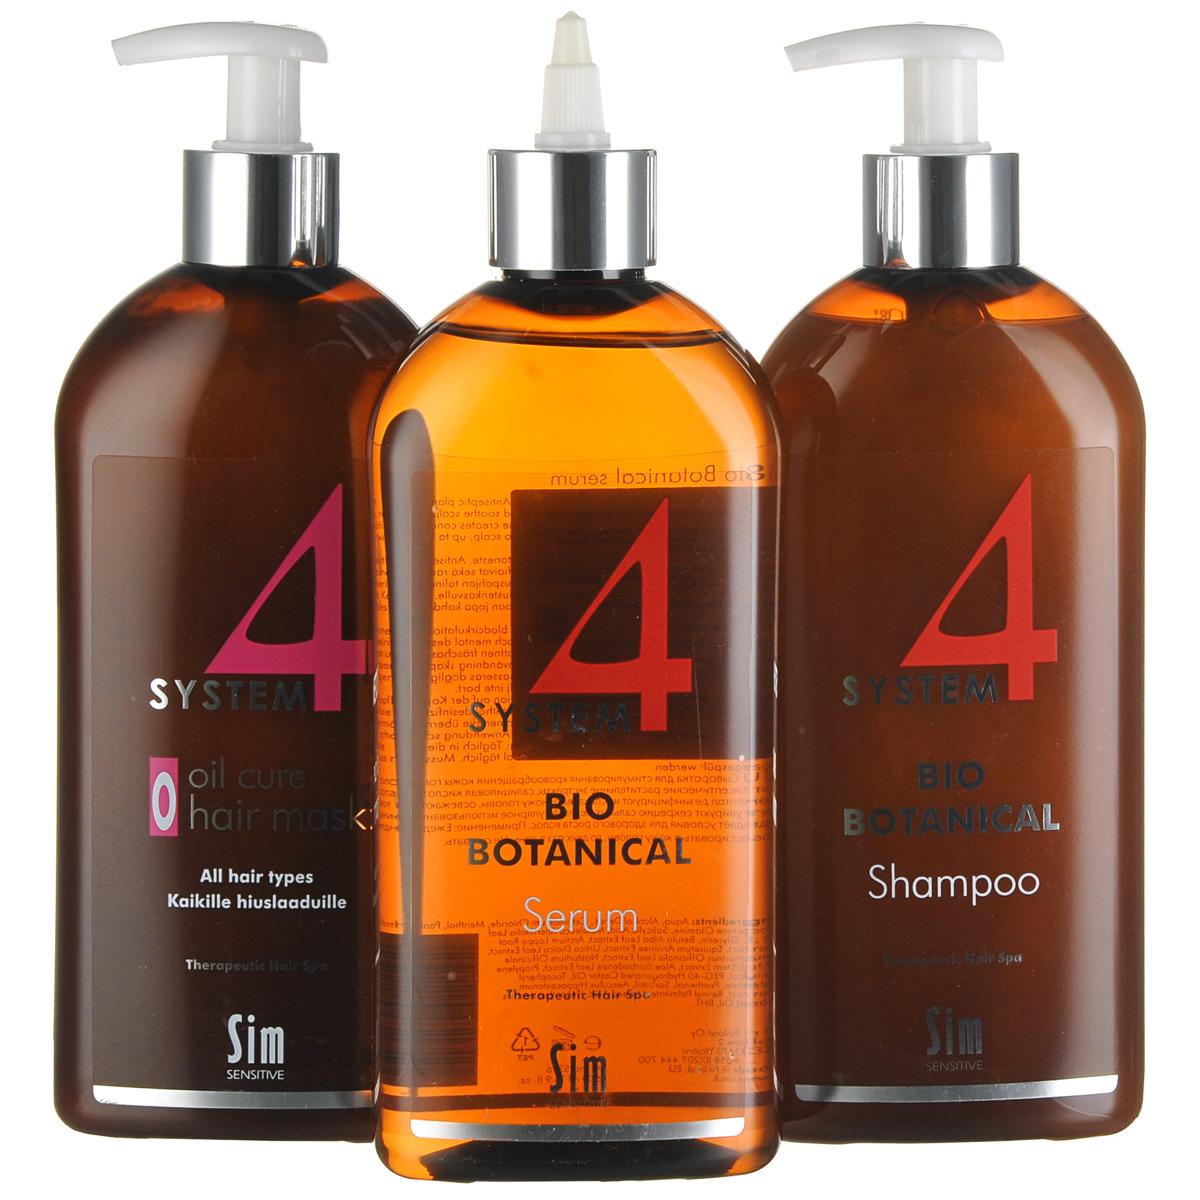 SIM SENSITIVE МАКСИ Комплекс от выпадения волос SYSTEM 4 : Био Ботанический шампунь SYSTEM 4 (500мл), Био Ботаническую сыворотку SYSTEM 4 (500мл), Терапевт. маскаО SYSTEM 4 (500мл), маленький пакетCF5512F4ОСТАНАВЛИВАЕТ ВЫПАДЕНИЕ ВОЛОС СОЗДАЕТ УСЛОВИЯ ДЛЯ РОСТА НОВЫХ ЗДОРОВЫХ ВОЛОС ПИТАЕТ ВОЛОСЯНЫЕ ЛУКОВИЦЫ И НОРМАЛИЗУЕТ МИКРОЦИРКУЛЯЦИЮ КОЖИ ГОЛОВЫ Трихологами доказано, что в борьбе с выпадением волос решающим фактором является время. Если вы игнорируете симптомы болезни и затягиваете с профессиональным лечением, то вы рискуете потерять волосяные покровы безвозвратно. Комплекс от выпадения волос «Систем 4» включает средства, работающие в 3 этапа:Этап 1. Глубокое очищение кожи головыЭтап 2. Насыщение волосяных луковиц питательными веществамиЭтап 3. Стимуляция роста новых здоровых волосЭффективность комплекса подтверждена ведущими дерматологами и три-хологами России* НАЧНИТЕ ТЕРАПИЮ С «СИСТЕМ 4» СЕГОДНЯ И УЖЕ ЧЕРЕЗ 30 ДНЕЙ ВЫ ВЕРНЕТЕ СЕБЕ ЗДОРОВЫЕ ГУСТЫЕ ВОЛОСЫ!* Эффективность комплекса подтверждается научными работами: «Cеборейные формы пореденияволос» Бутов Ю.С., Волкова Е.Н., Полеско И.В., Кафедра кожных и венерических болезней с курсомдерматокосметологии ФУВ РГМУ, 2004, «Опыт применения трехкомпонентного наружного лечебногокомплекса «Систем 4» для терапии себореи и себорейного дерматита волосистой части головы»В.В.Гладько, С.А.Масюкова, Н.В.Гайдаш, Е.А.Карасев, Кафедра кожных и венерических болезней ГИУВМО РФ, Москва, 2008, «Обзор методов наружной терапии андрогенетической алопеции», докладчик -ведущий трихолог России Ткачев В.П., 2003.